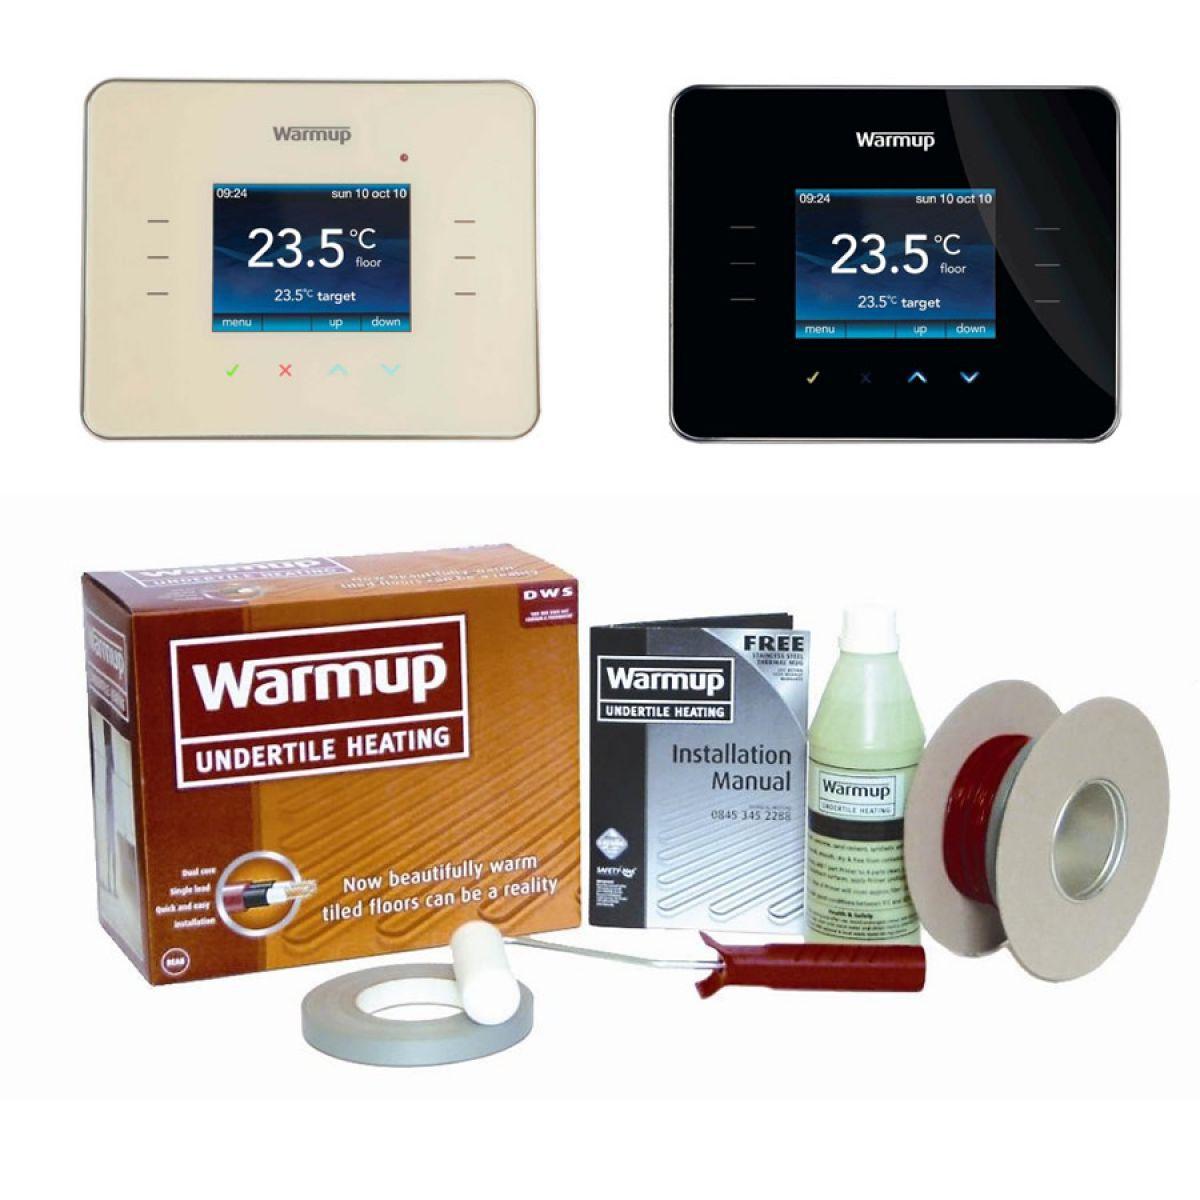 Warmup Dws300 Loose Wire Underfloor Heating Kit Uk Bathrooms